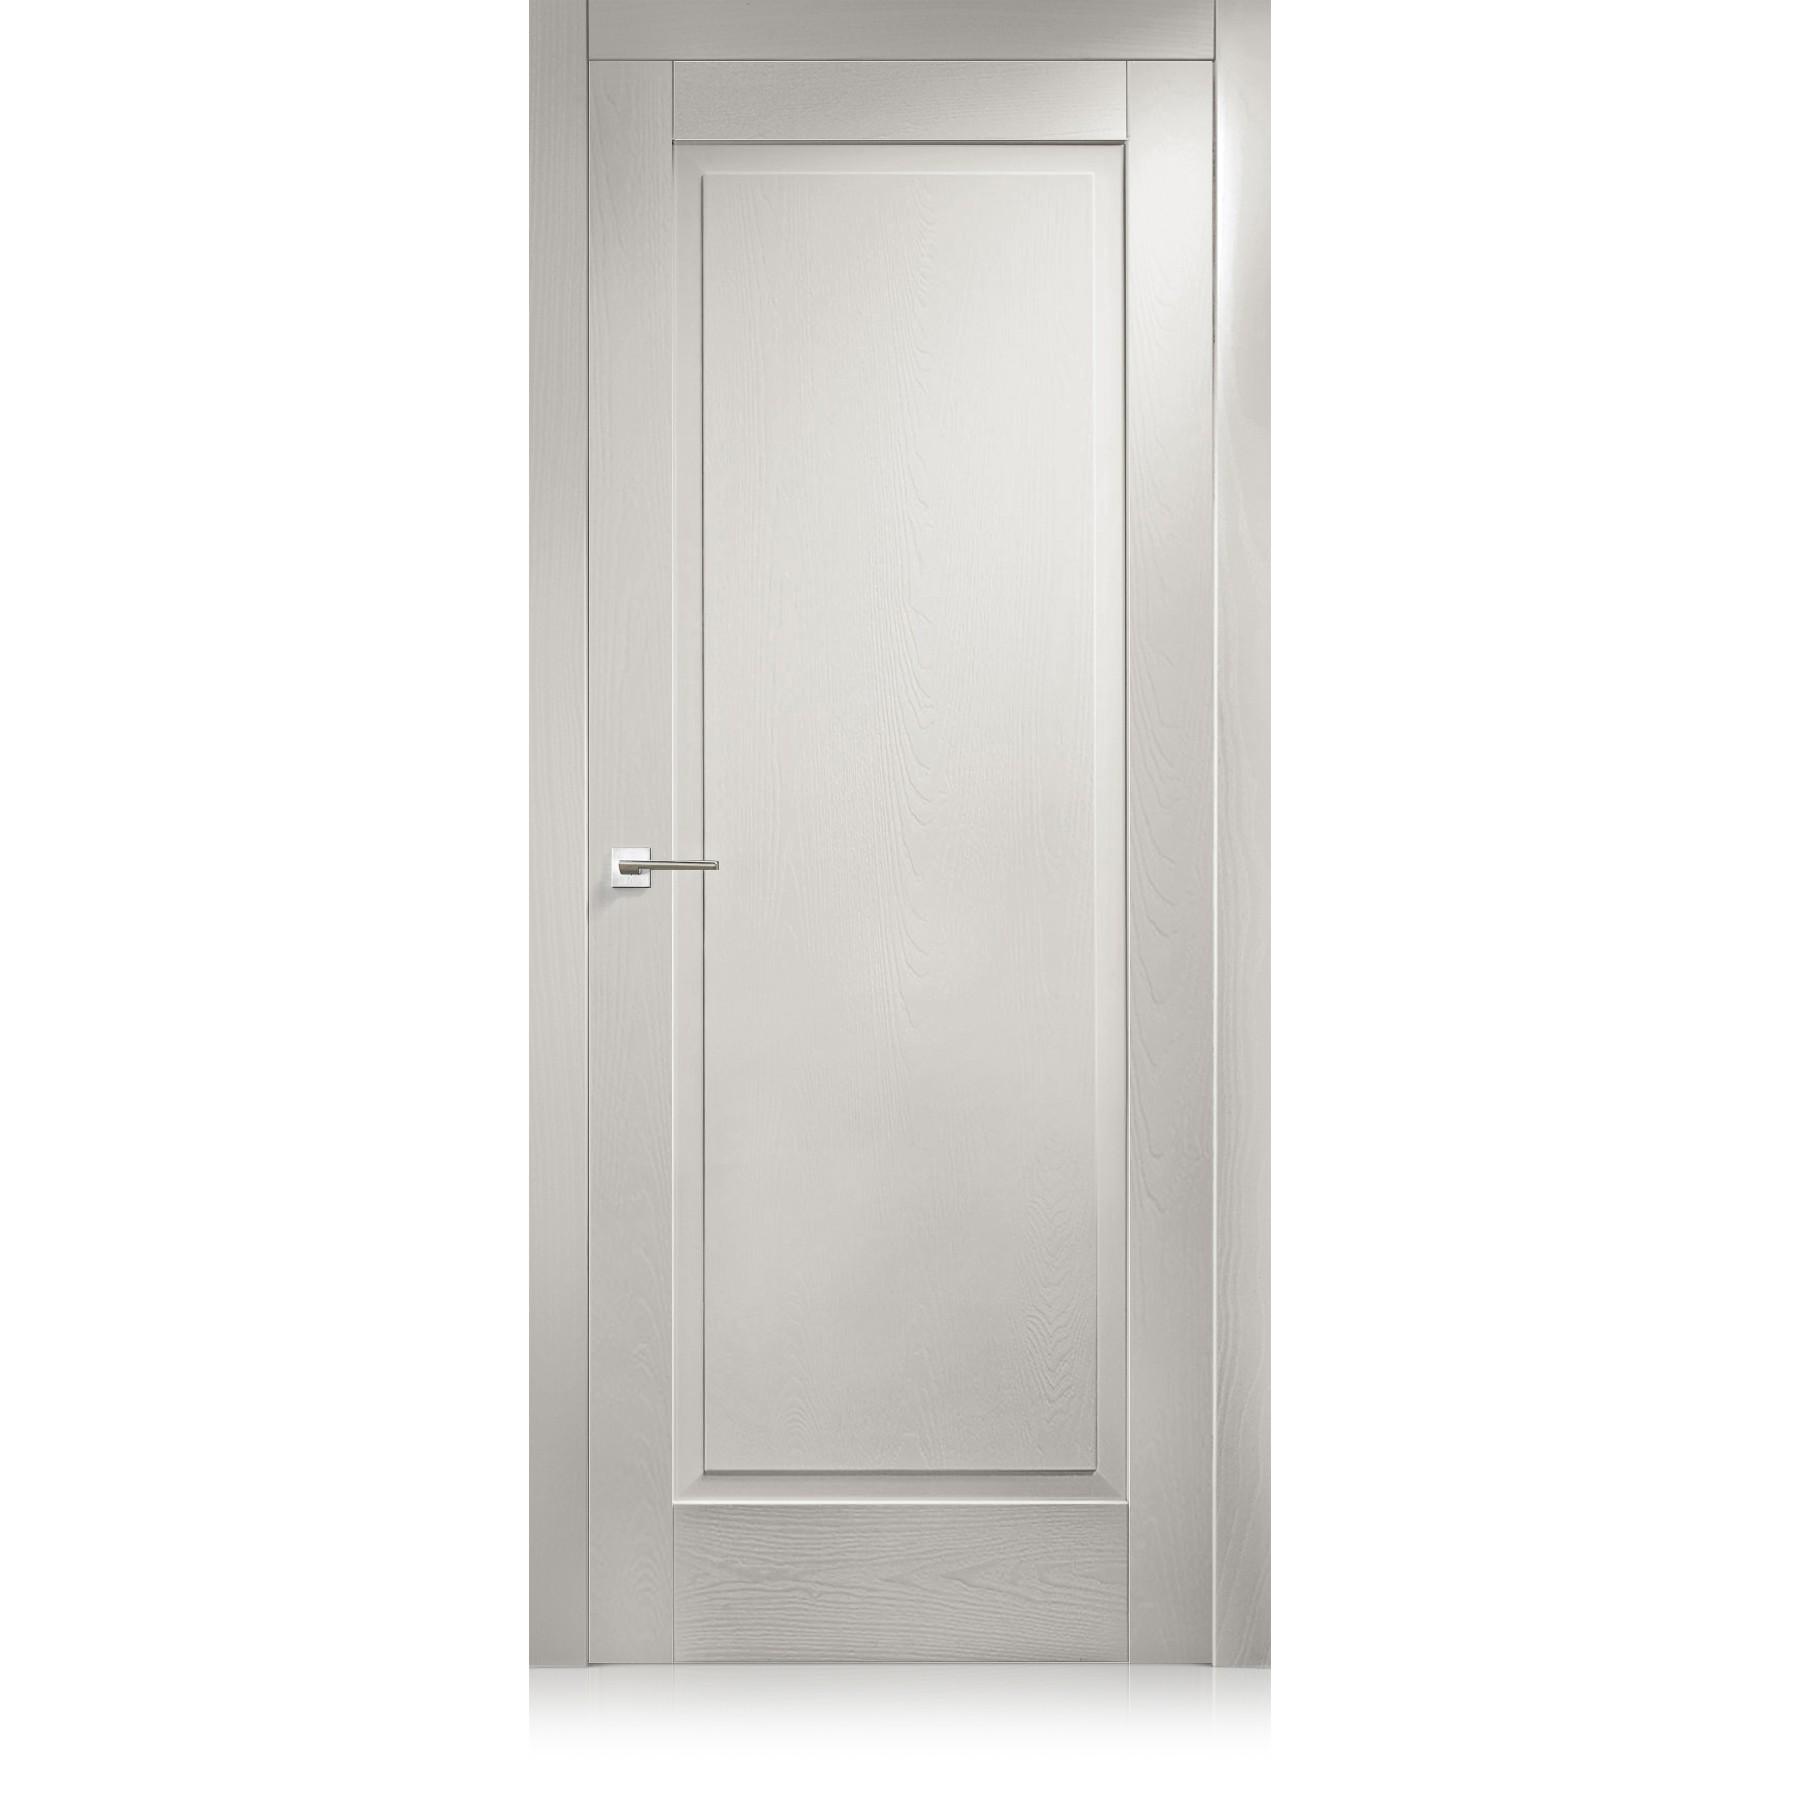 Suite / 21 trame grigio lux door